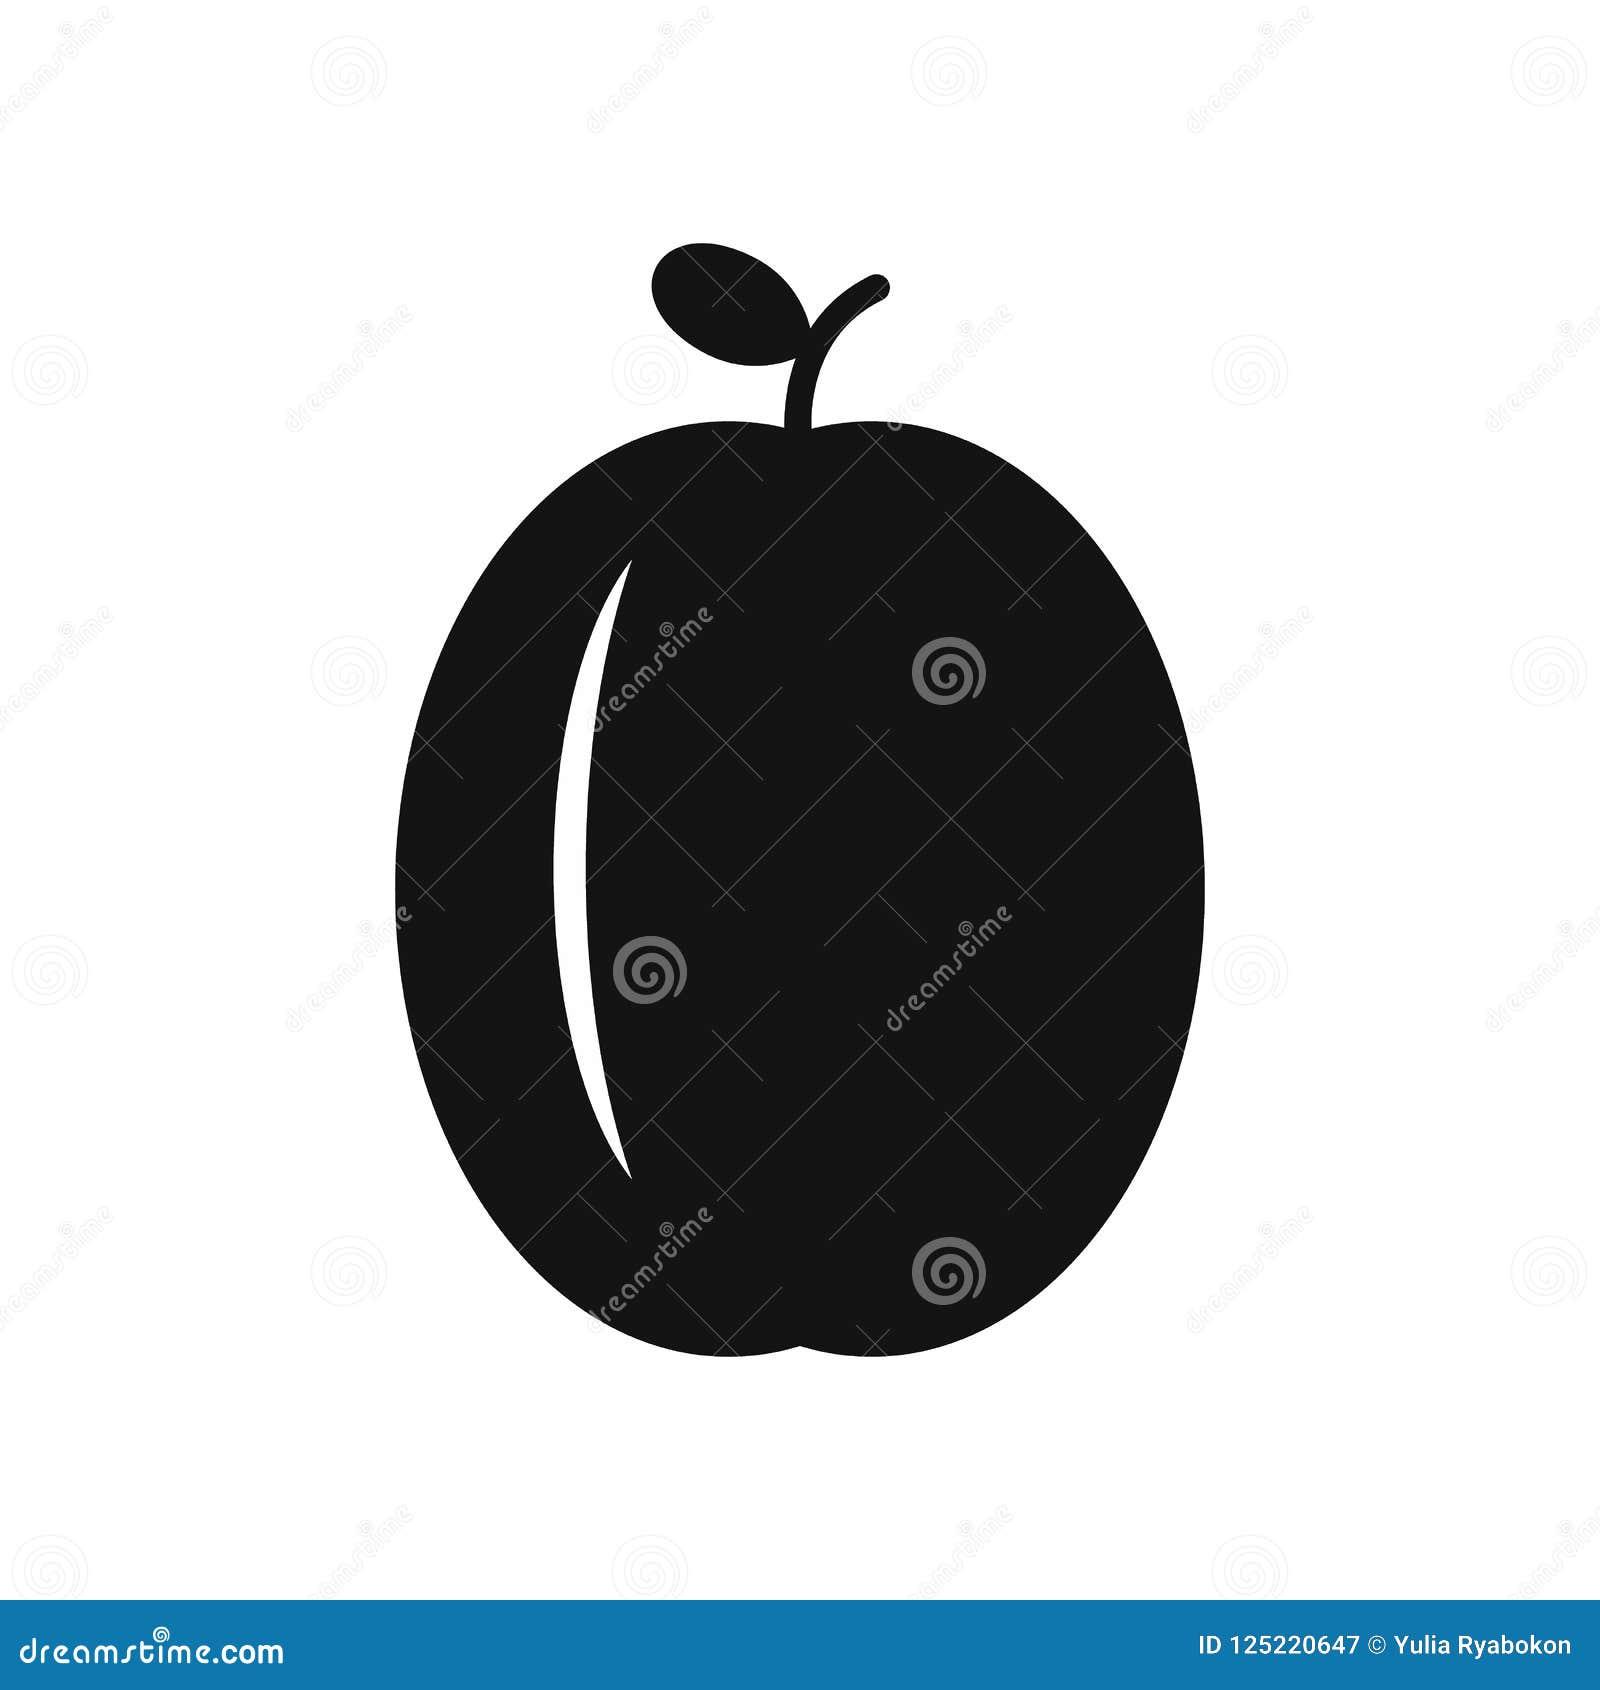 Plum simple icon